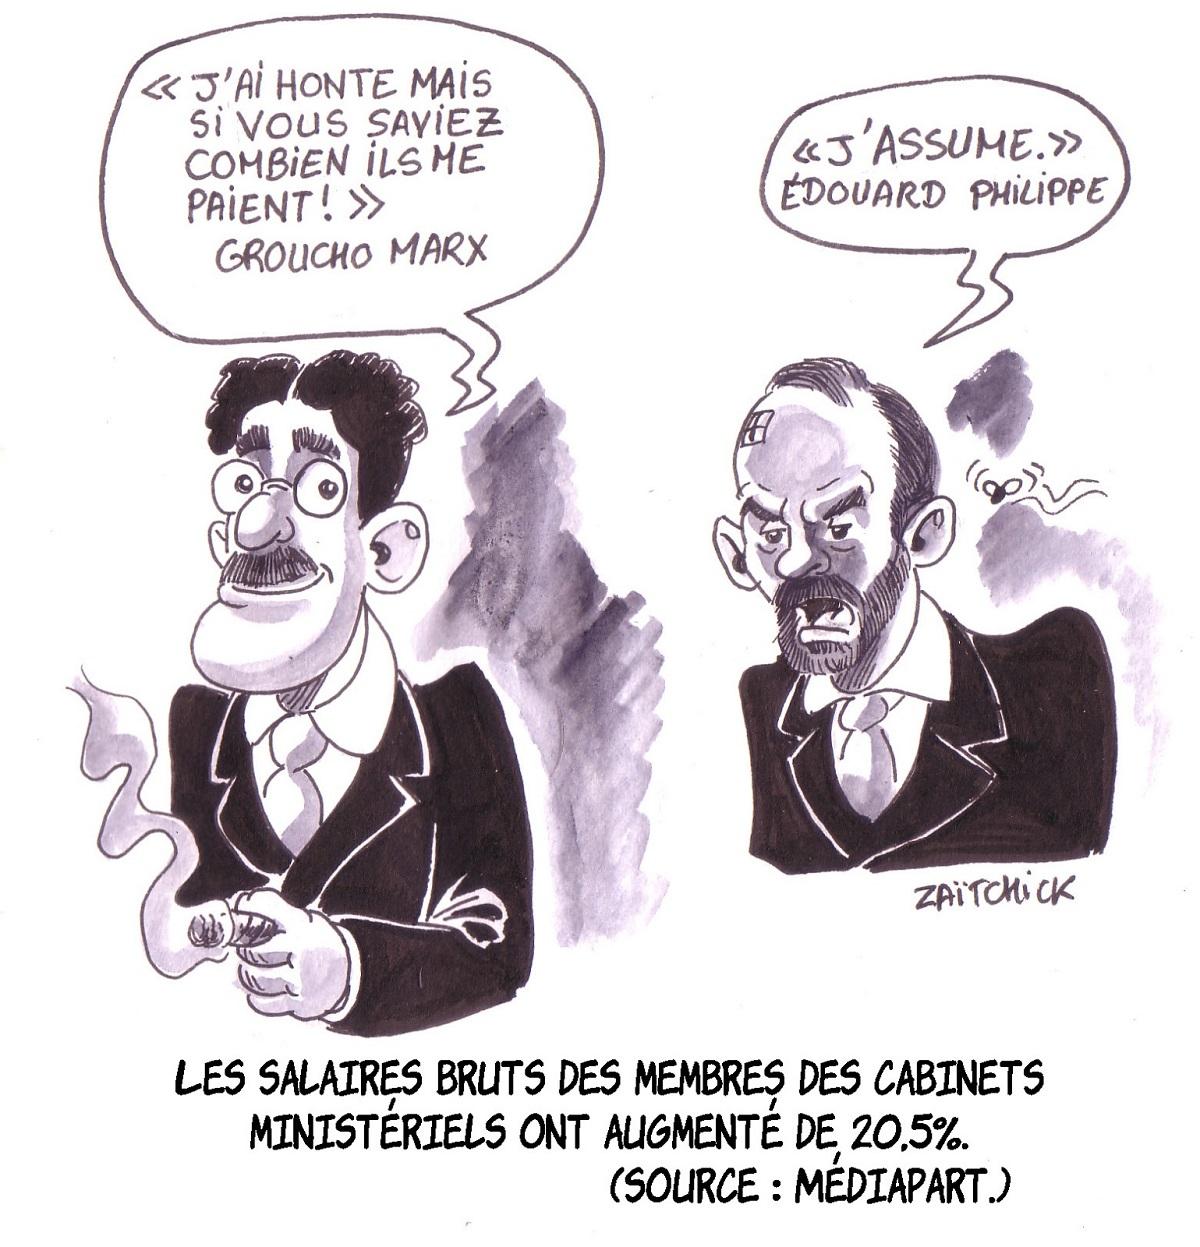 dessin d'actualité humoristique montrant la réaction de Groucho Marx et d'Édouard Philippe à leur augmentation de salaire